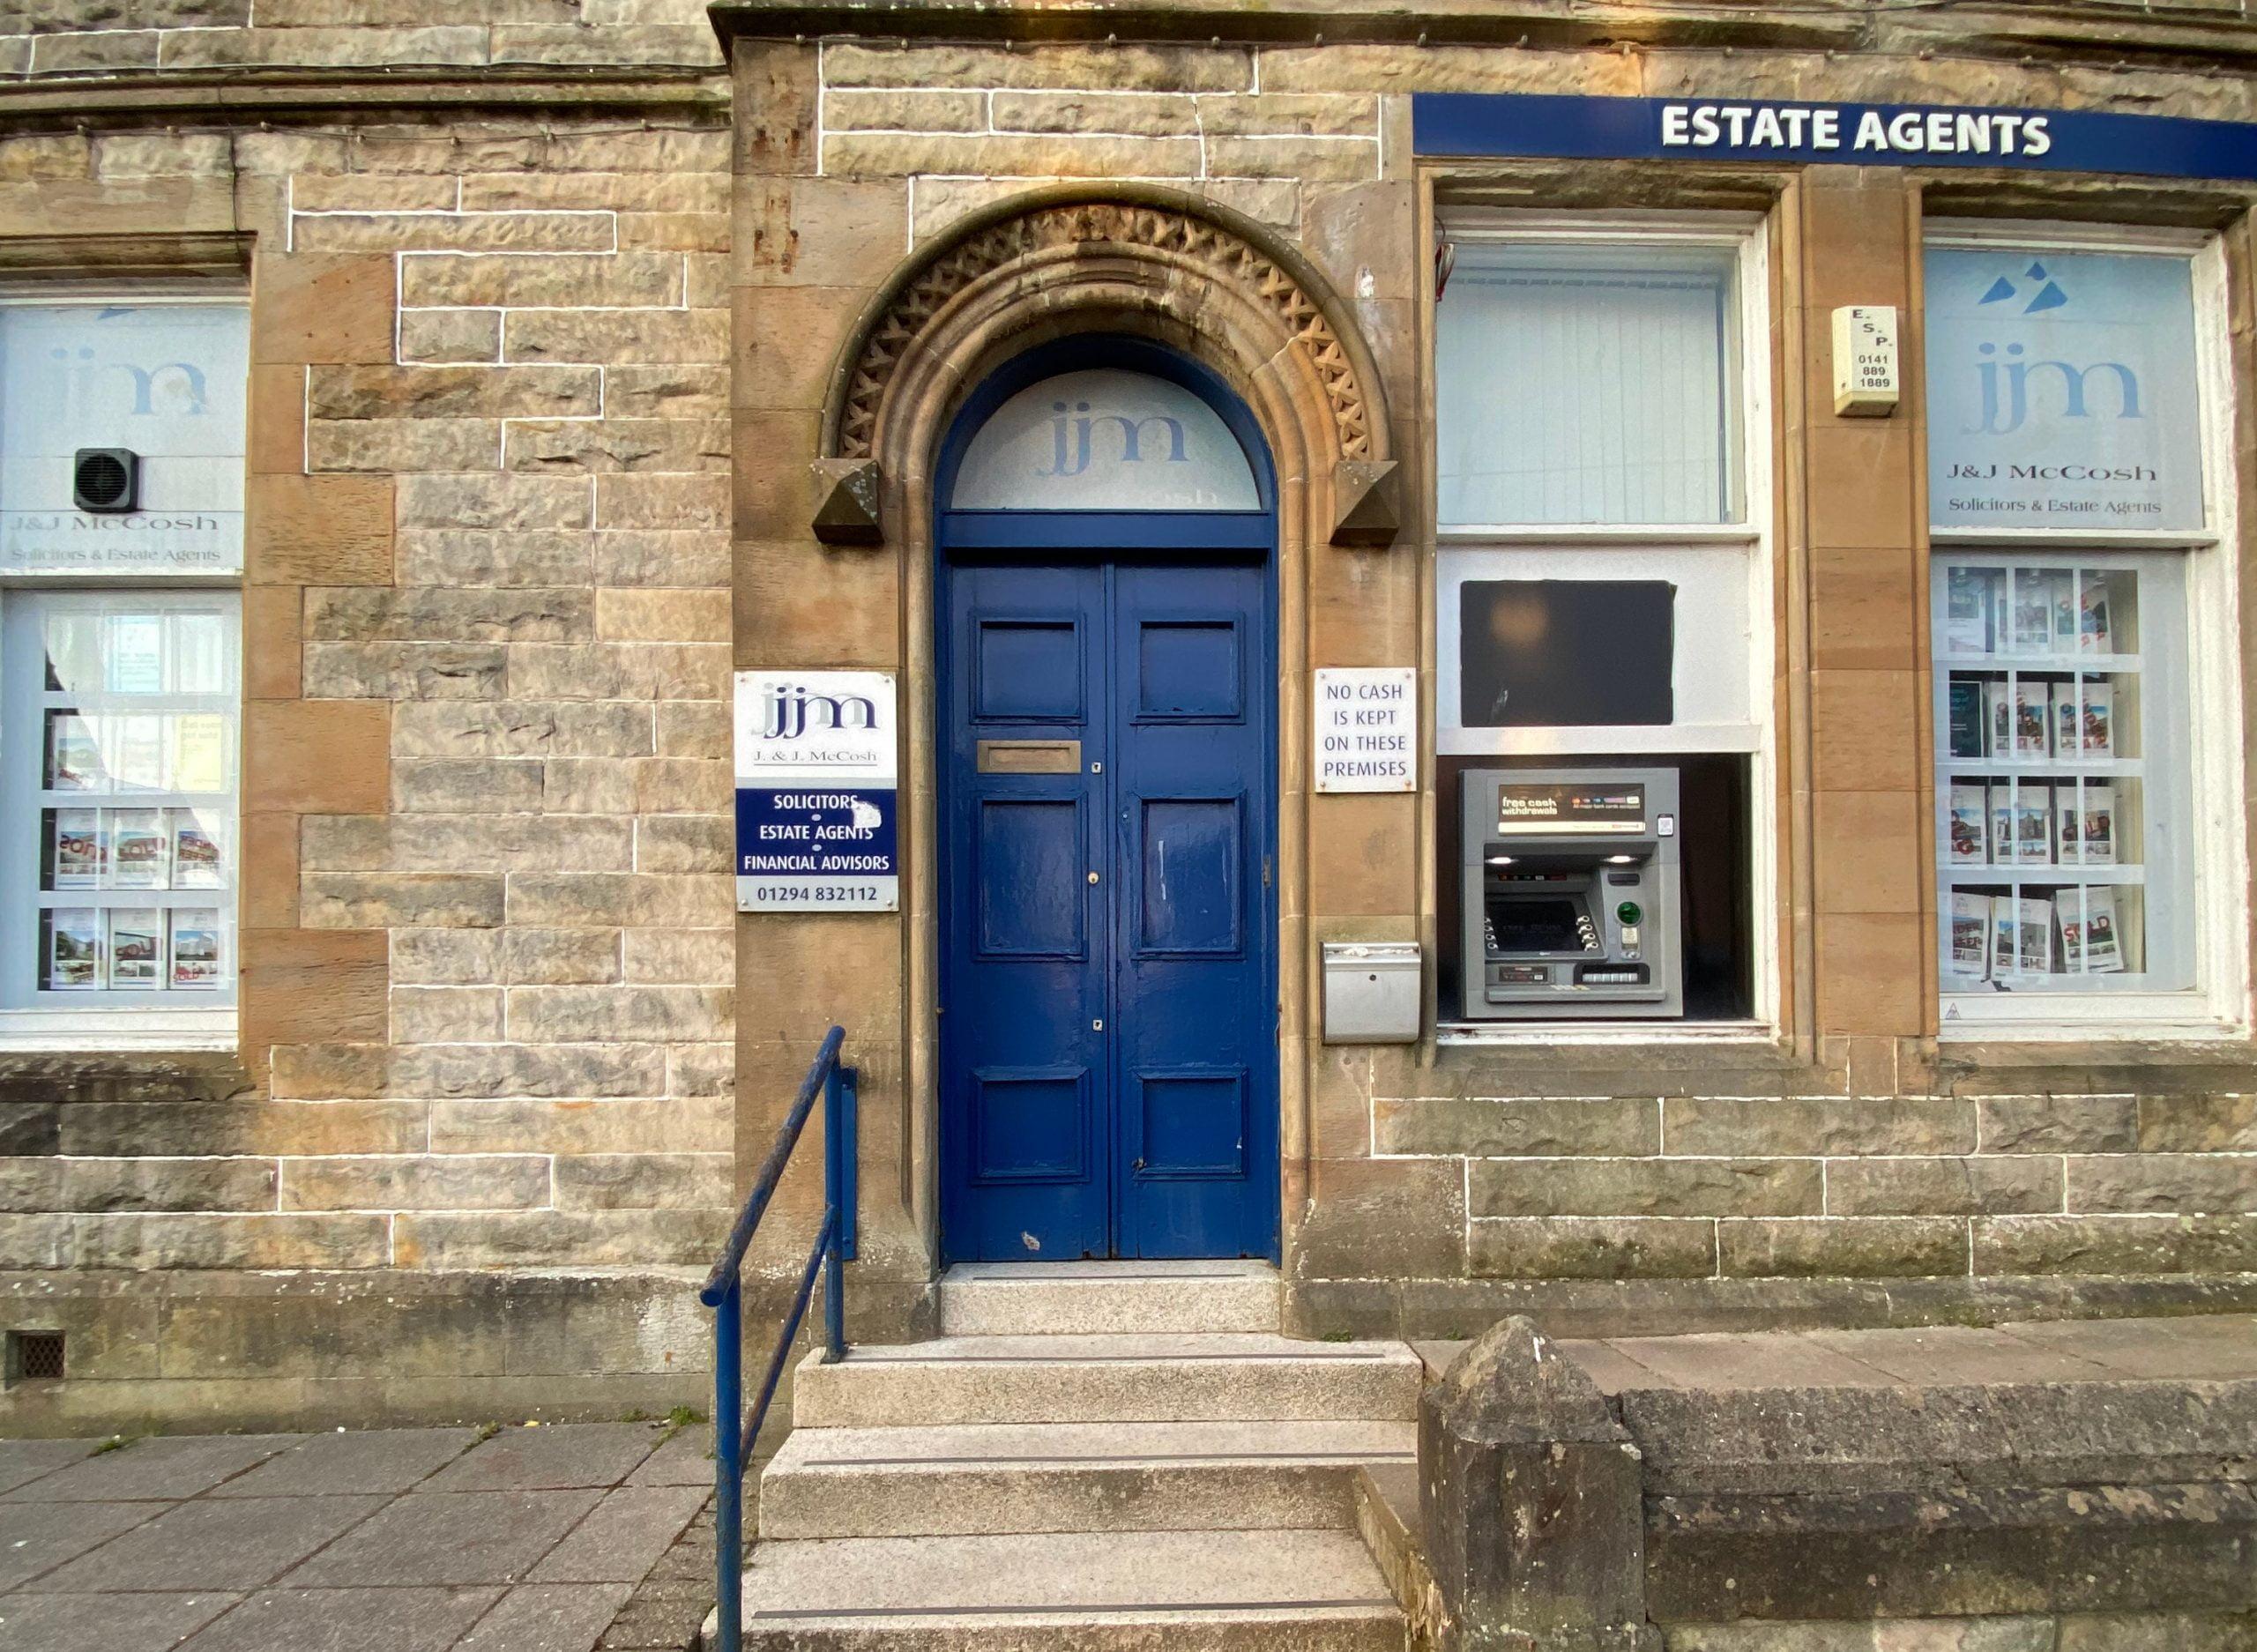 J & J McCosh entrance to office in The Cross, Dalry